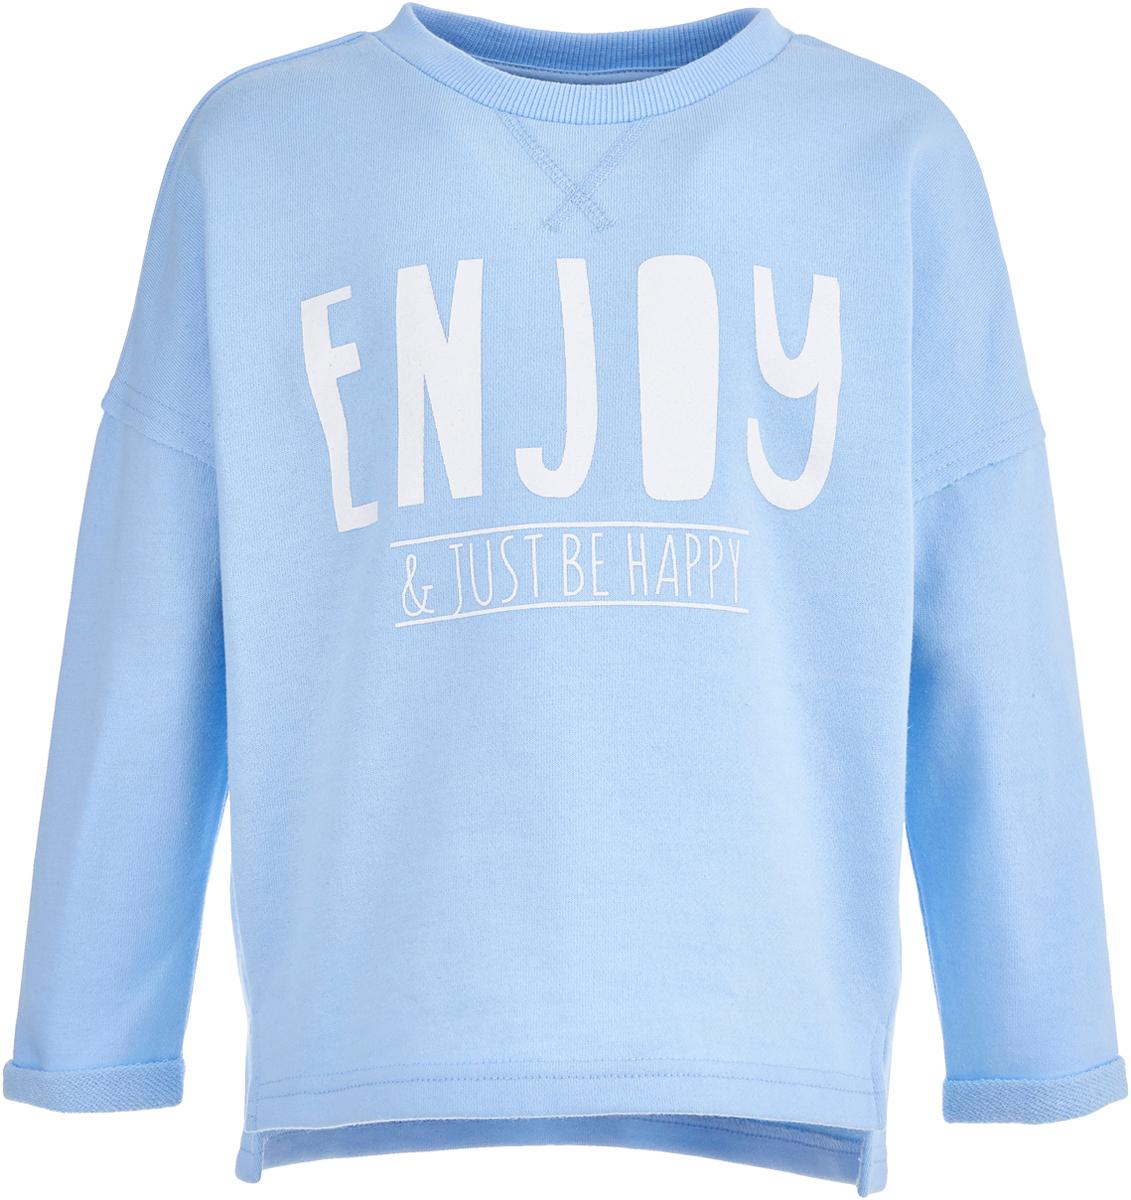 Свитшот для девочки Button Blue, цвет: голубой. 118BBGC16051800. Размер 116118BBGC16051800Яркий детский свитшот - идеальная весенняя одежда для девочки. Модель с длинными рукавами декорирована надписью, сделанной стильным шрифтом. Она может украсить любой образ и добавить ребенку позитива в самый прохладный день! Чтобы порадовать девочку, ей можно купить детский свитшот, отличающийся модным дизайном и удобным кроем.